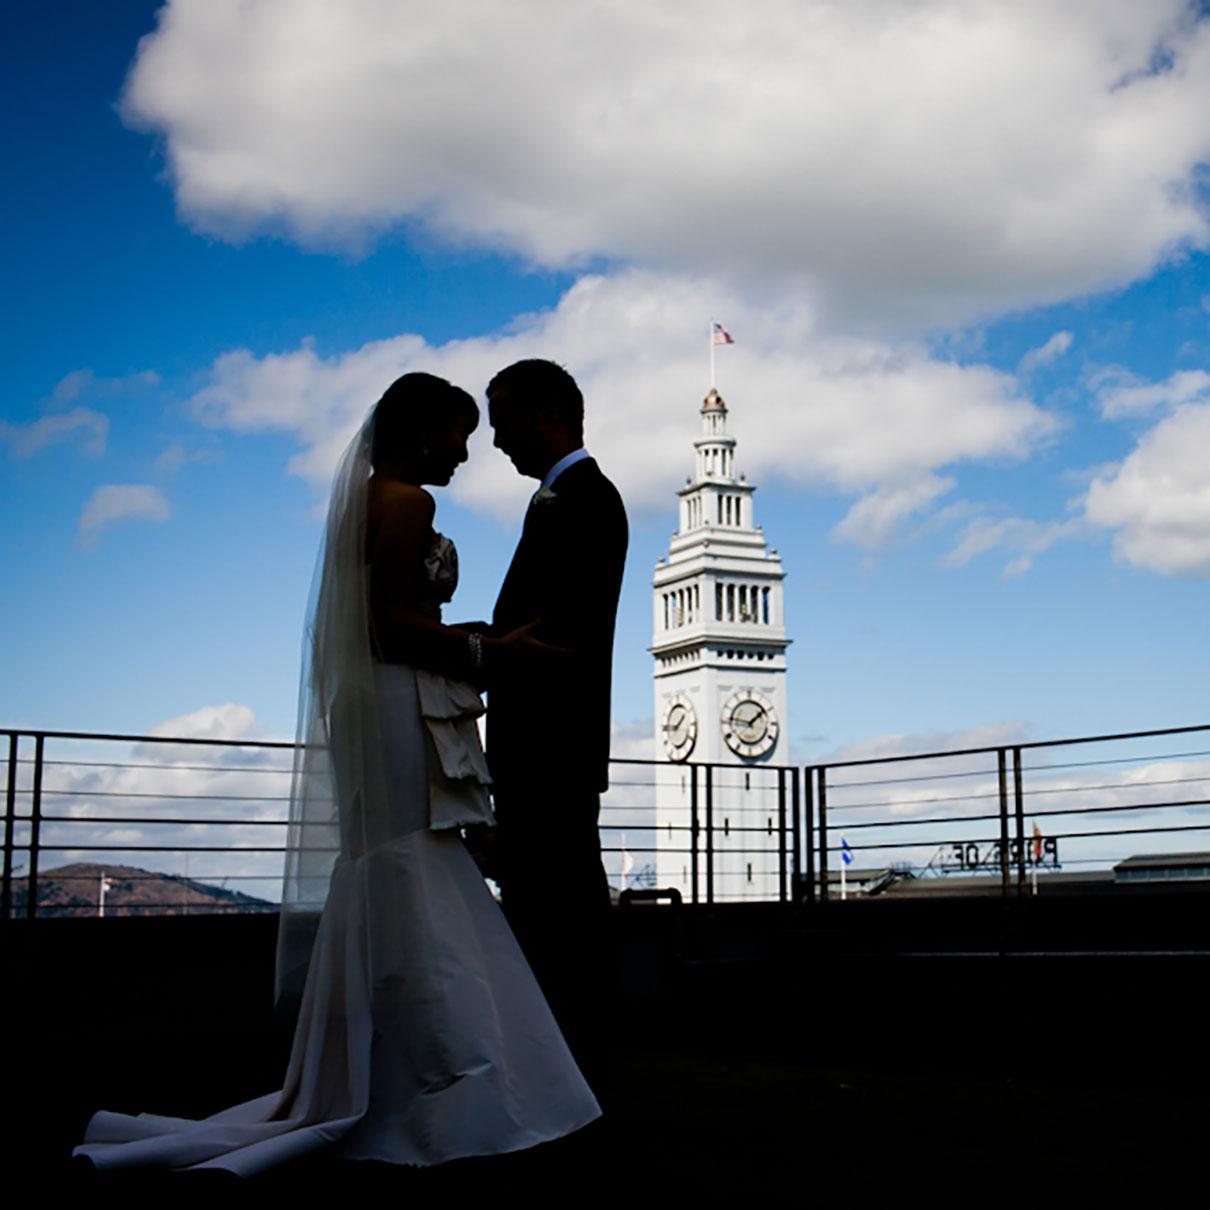 sanfranciscoweddingferrybuildingdestinationweddingplanner